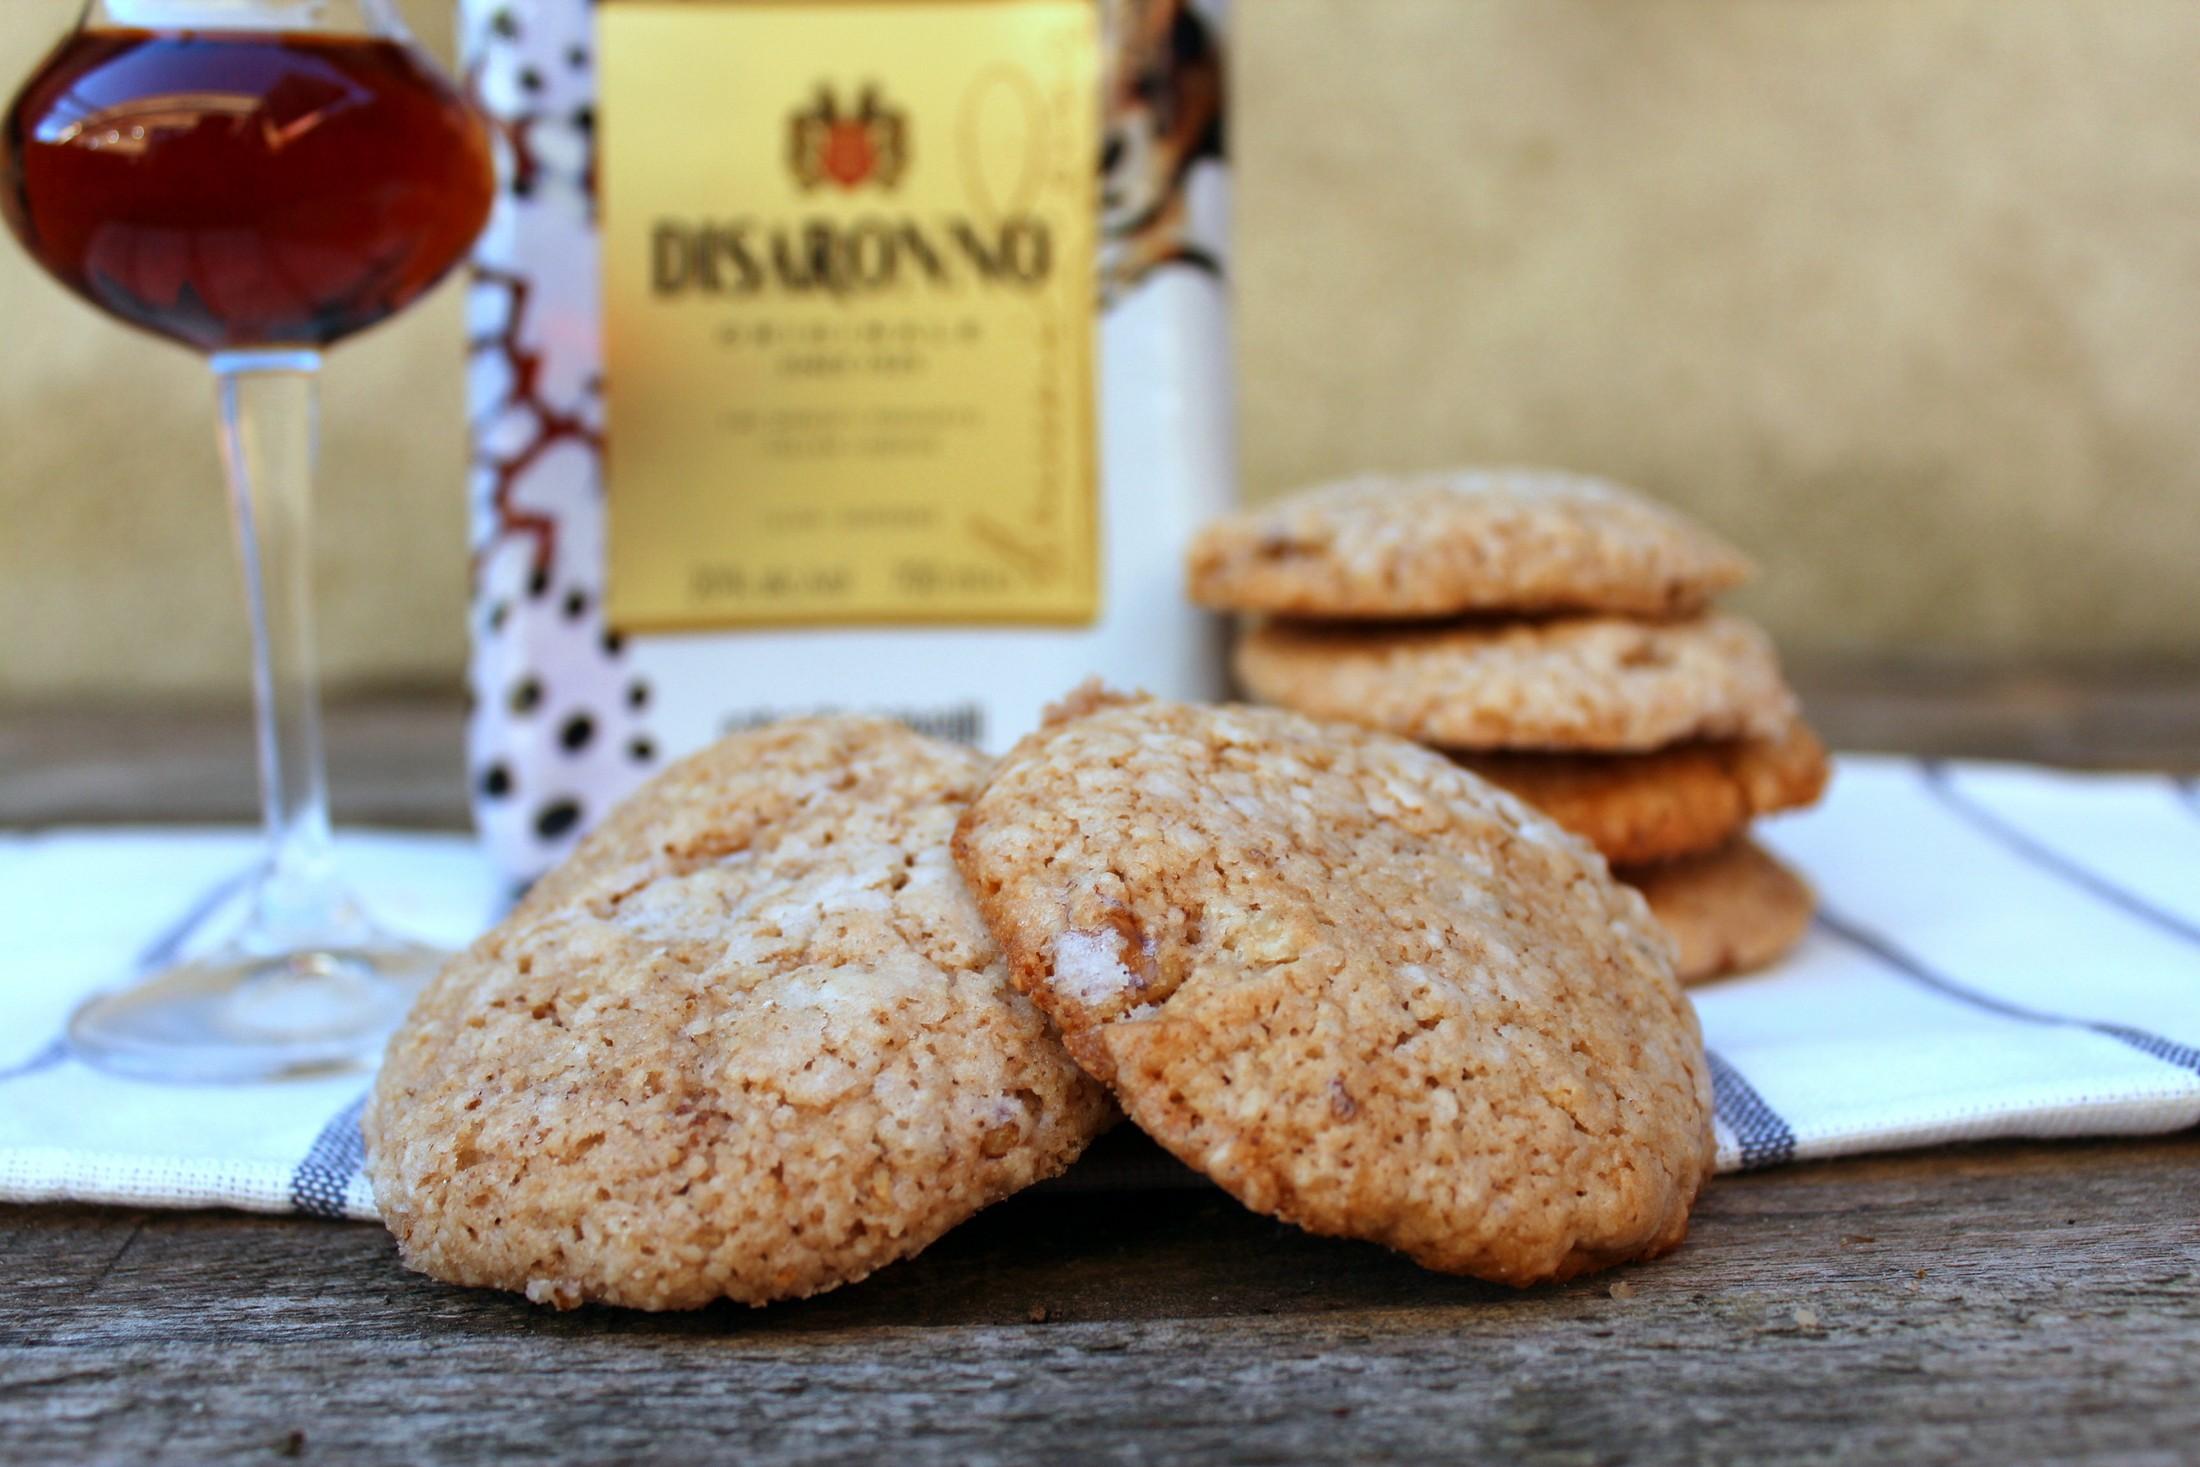 Galletas de Almendra y Disaronno